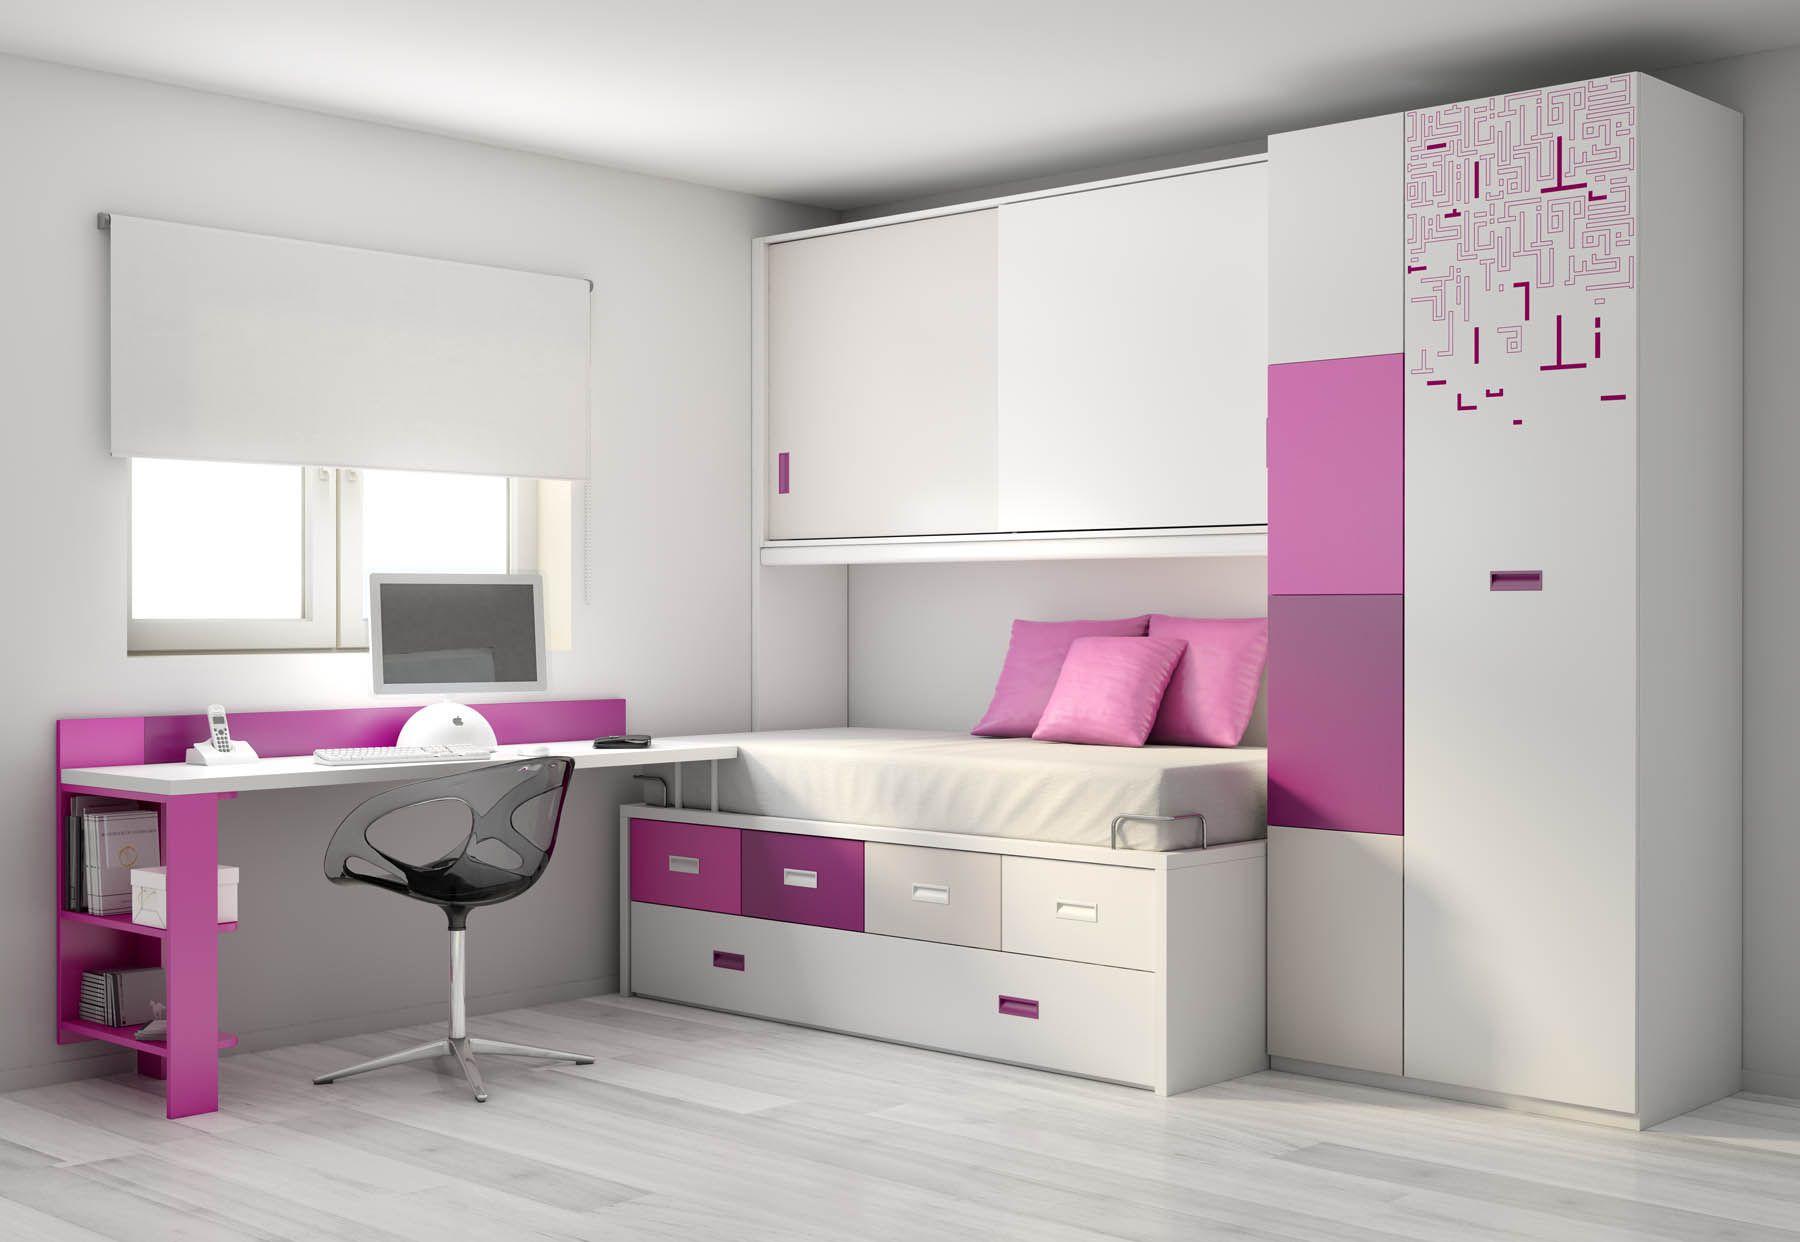 Habitaci n infantil del cat logo de mueble juvenil kids up2 de muebles ros kids up 2 - Muebles habitacion infantil ...